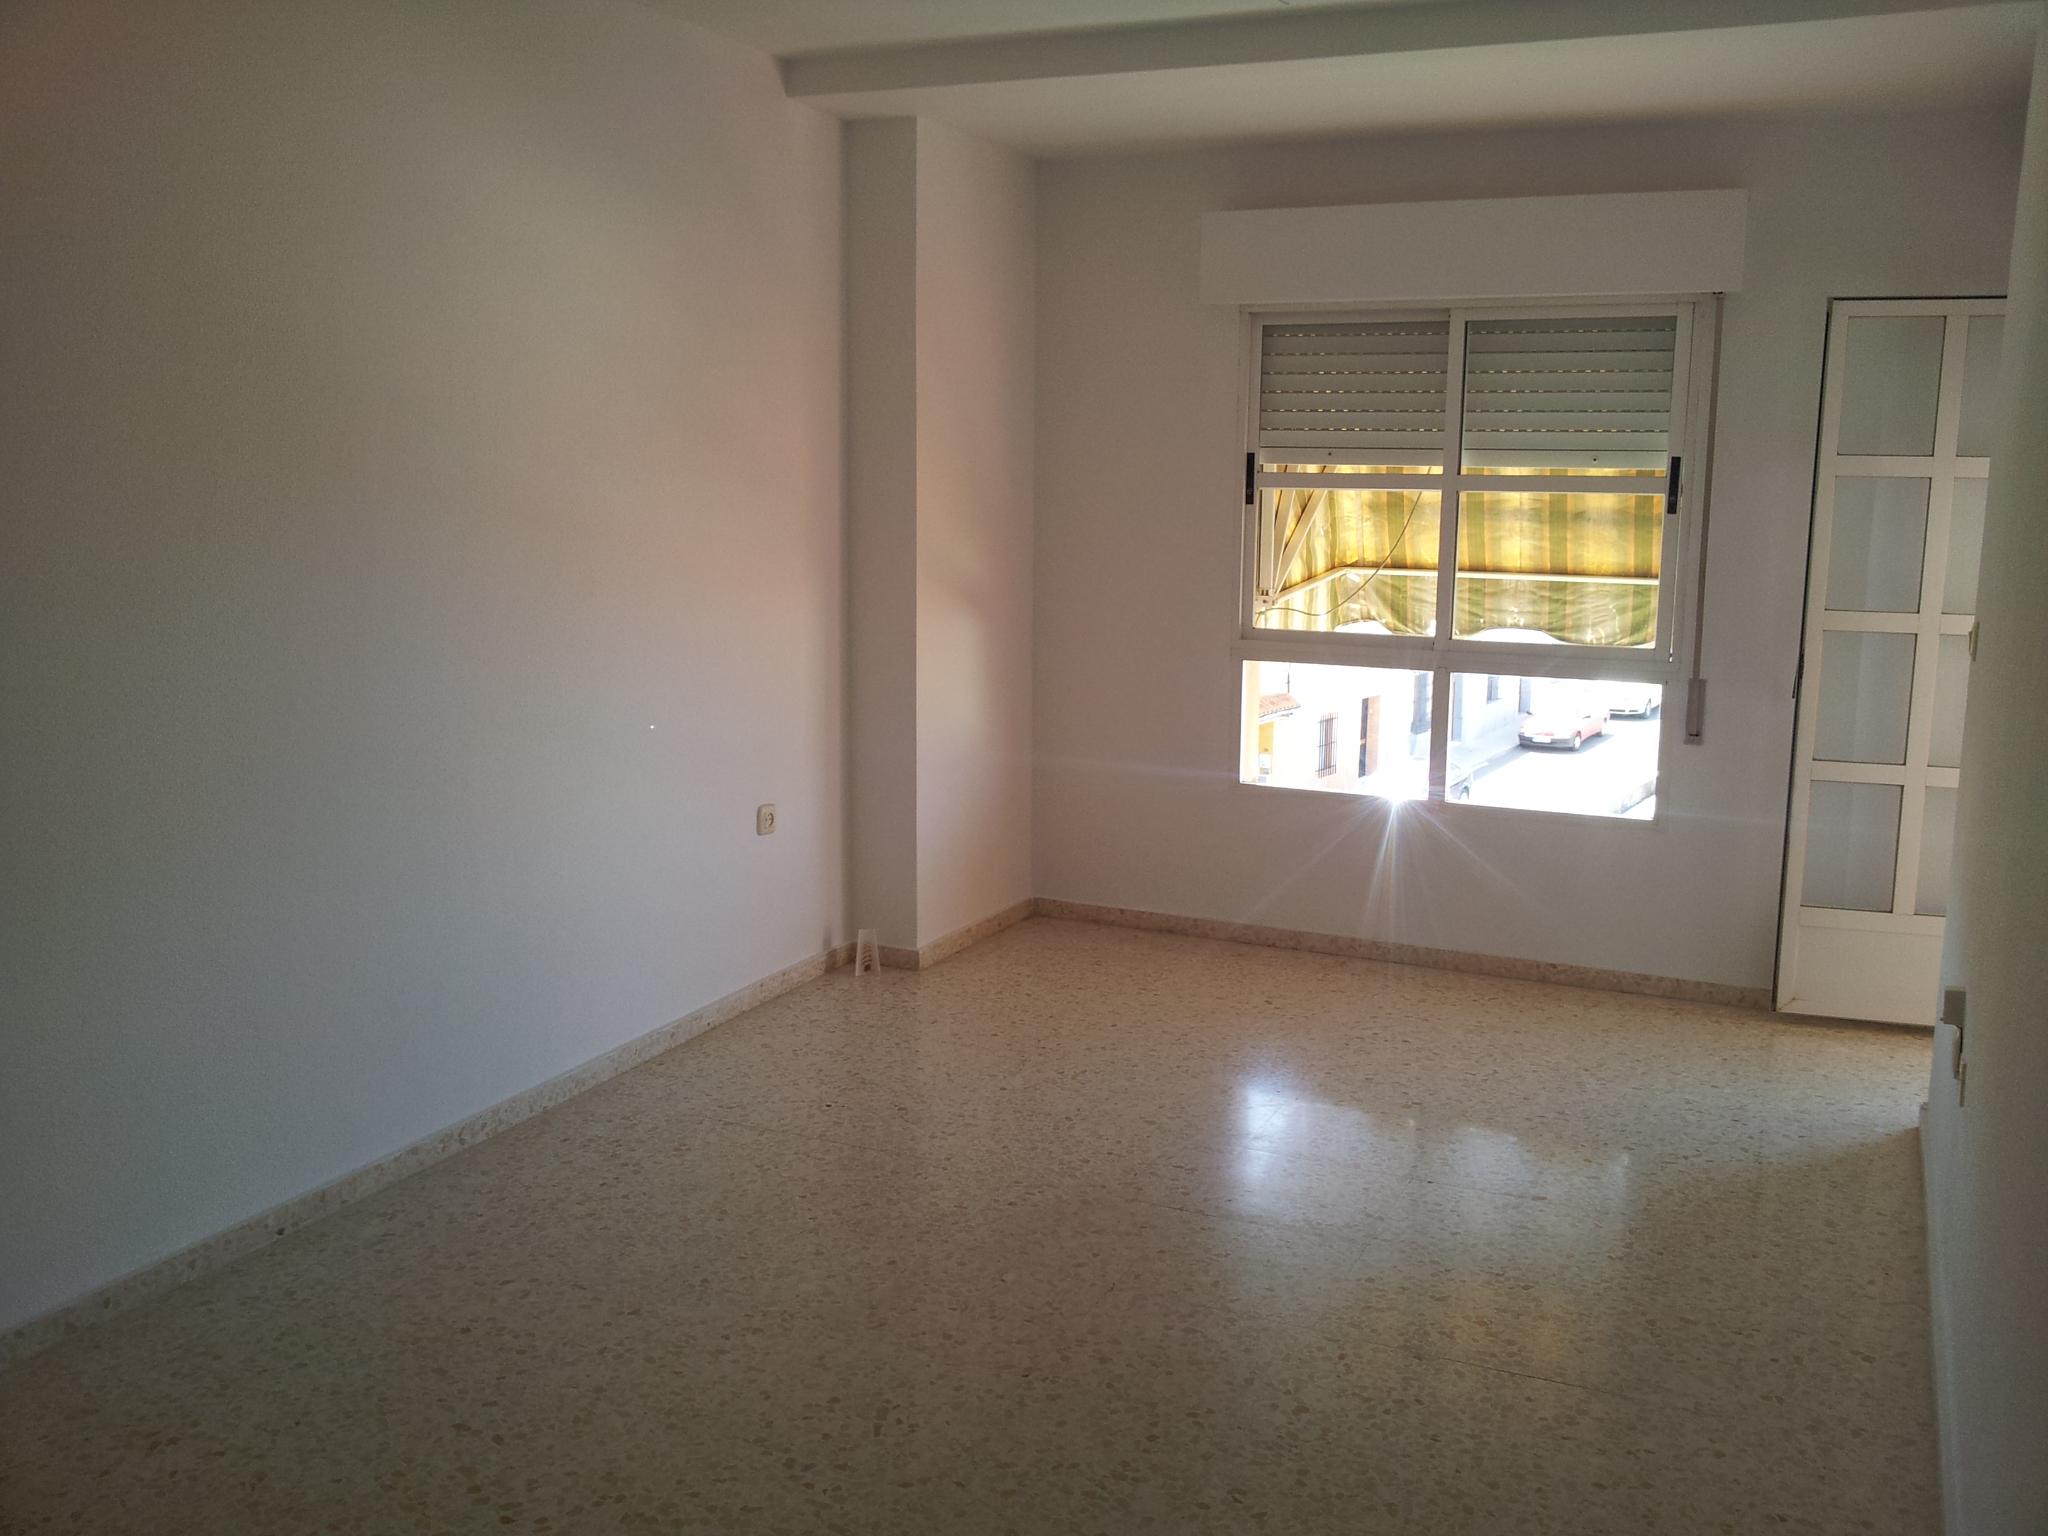 Piso en venta en Almendralejo, Badajoz, Calle Fray Alonso Cabezas, 81.000 €, 4 habitaciones, 2 baños, 120 m2